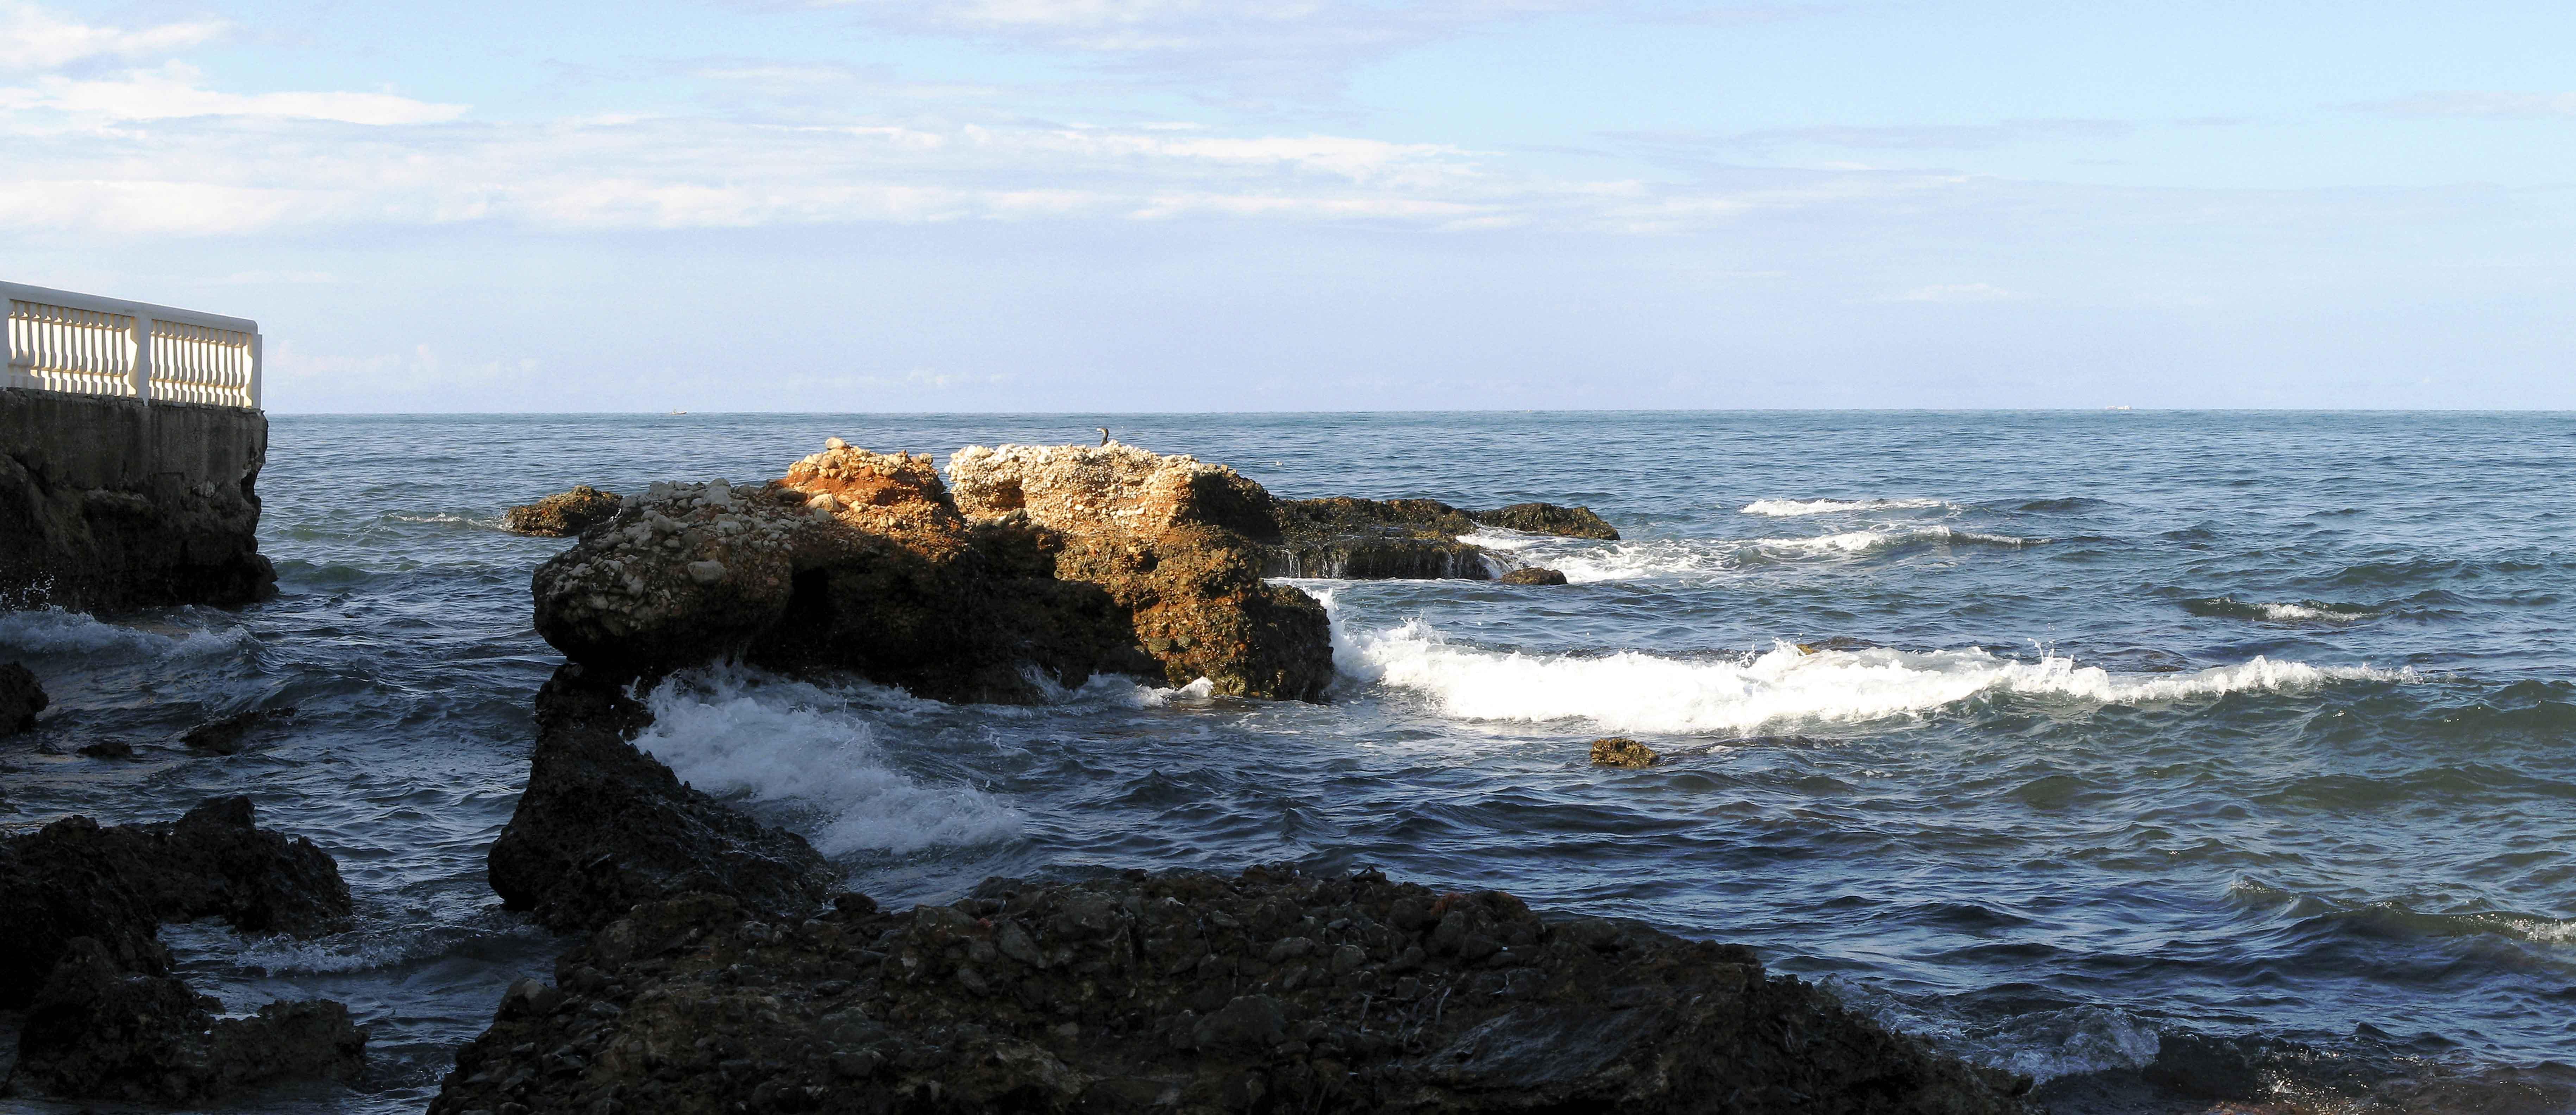 Foto playa Sorts de Mar / Costa la calma. Cala de Les Rotes, Dénia, capital de la comarca de la Marina Alta, Alicante